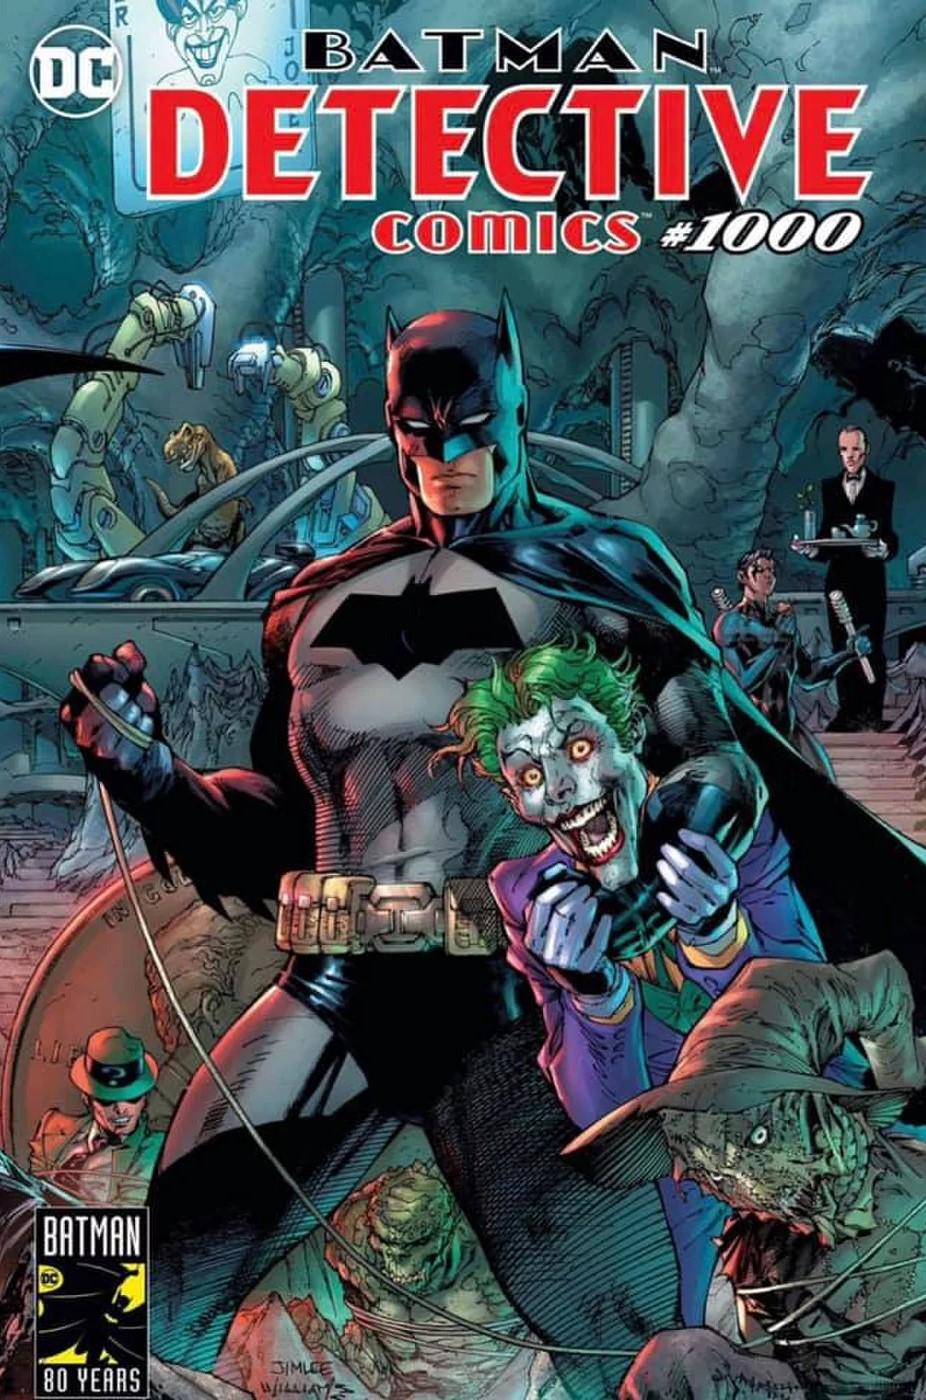 Detective-Comics-1000-cover